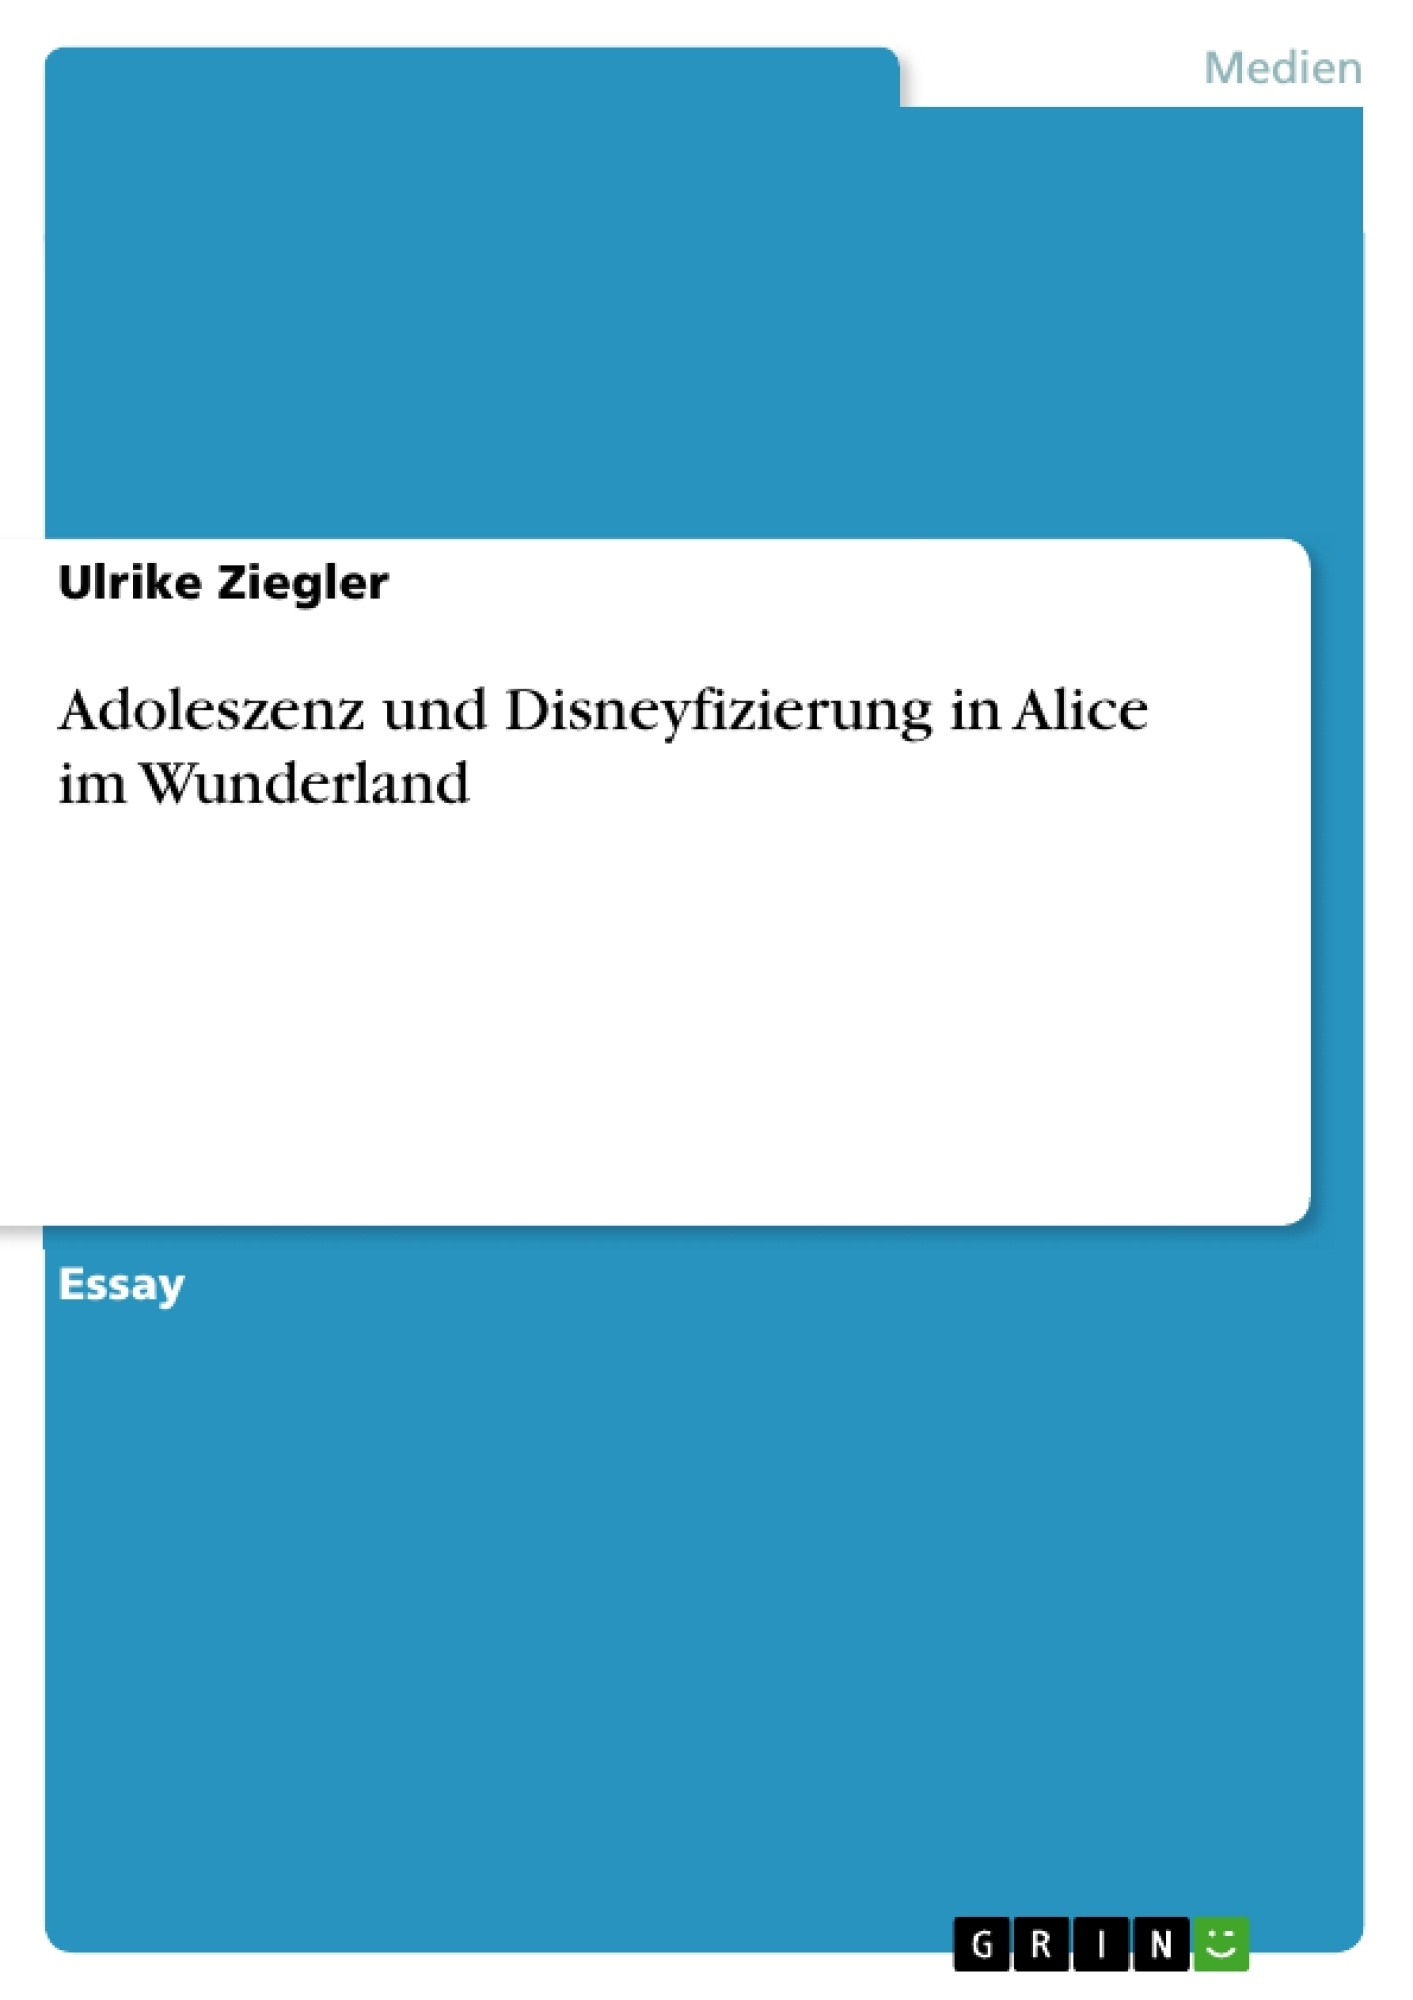 Titel: Adoleszenz und Disneyfizierung in Alice im Wunderland